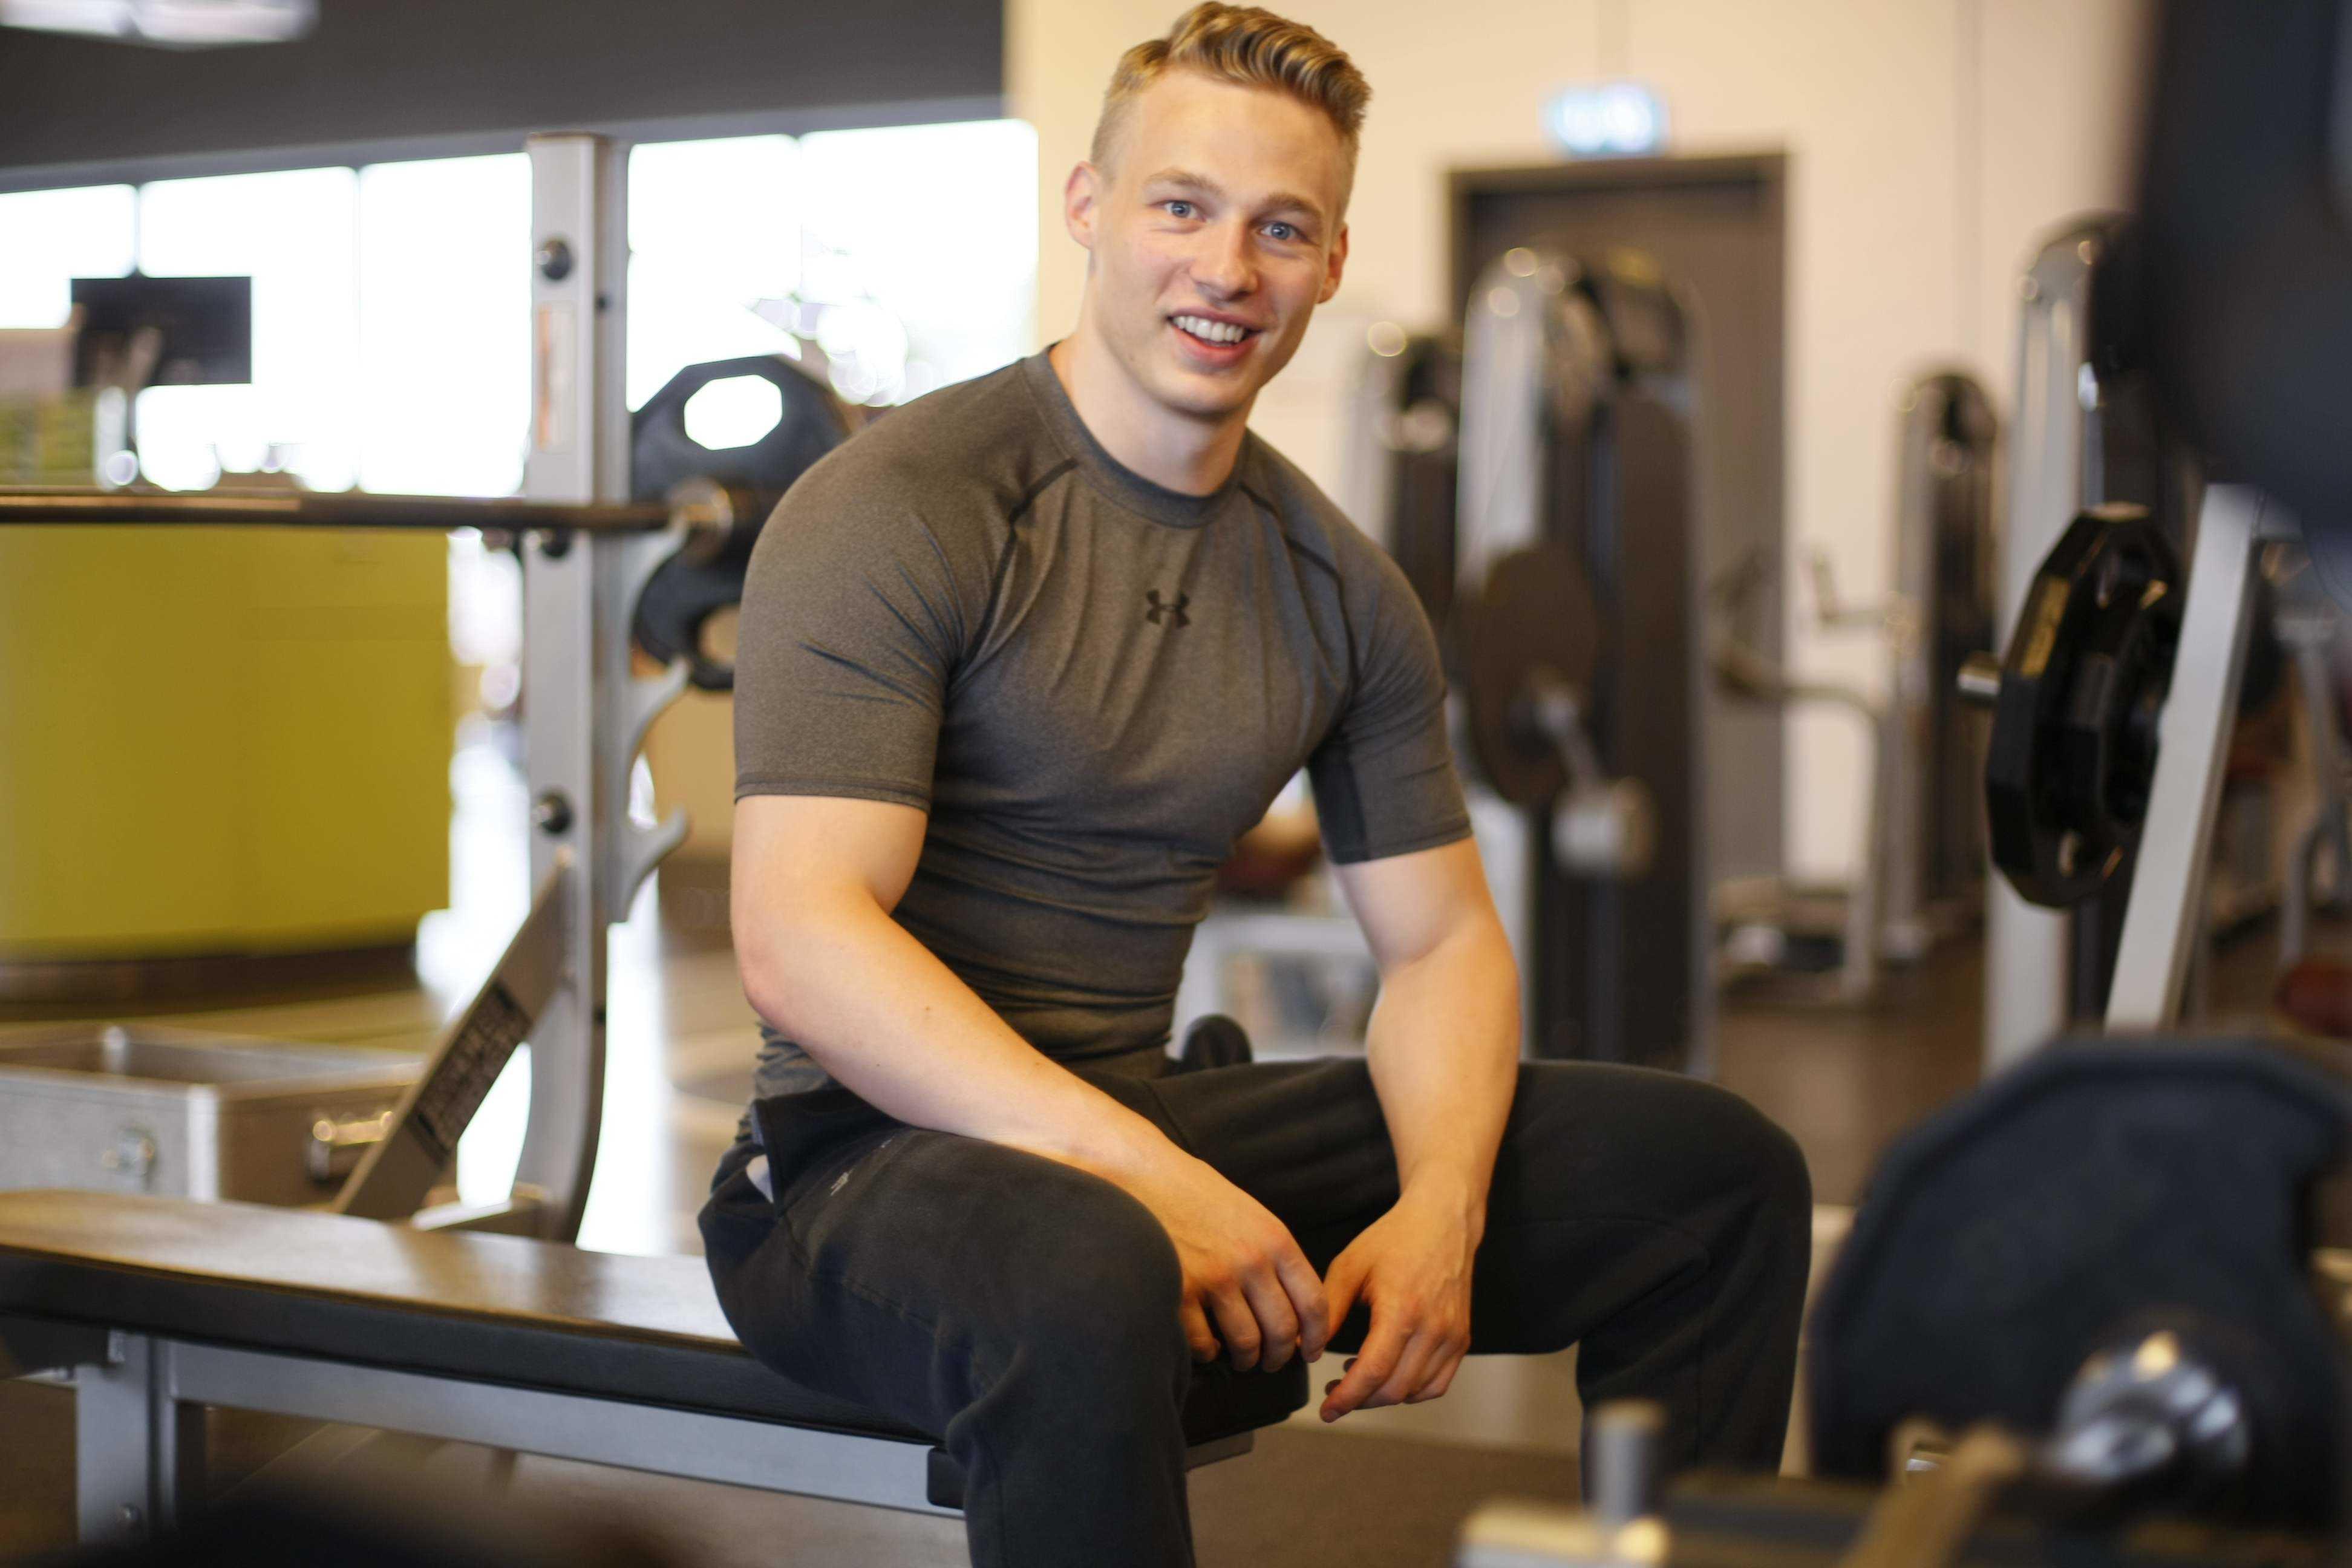 Personal Trainer Jannik Schöning